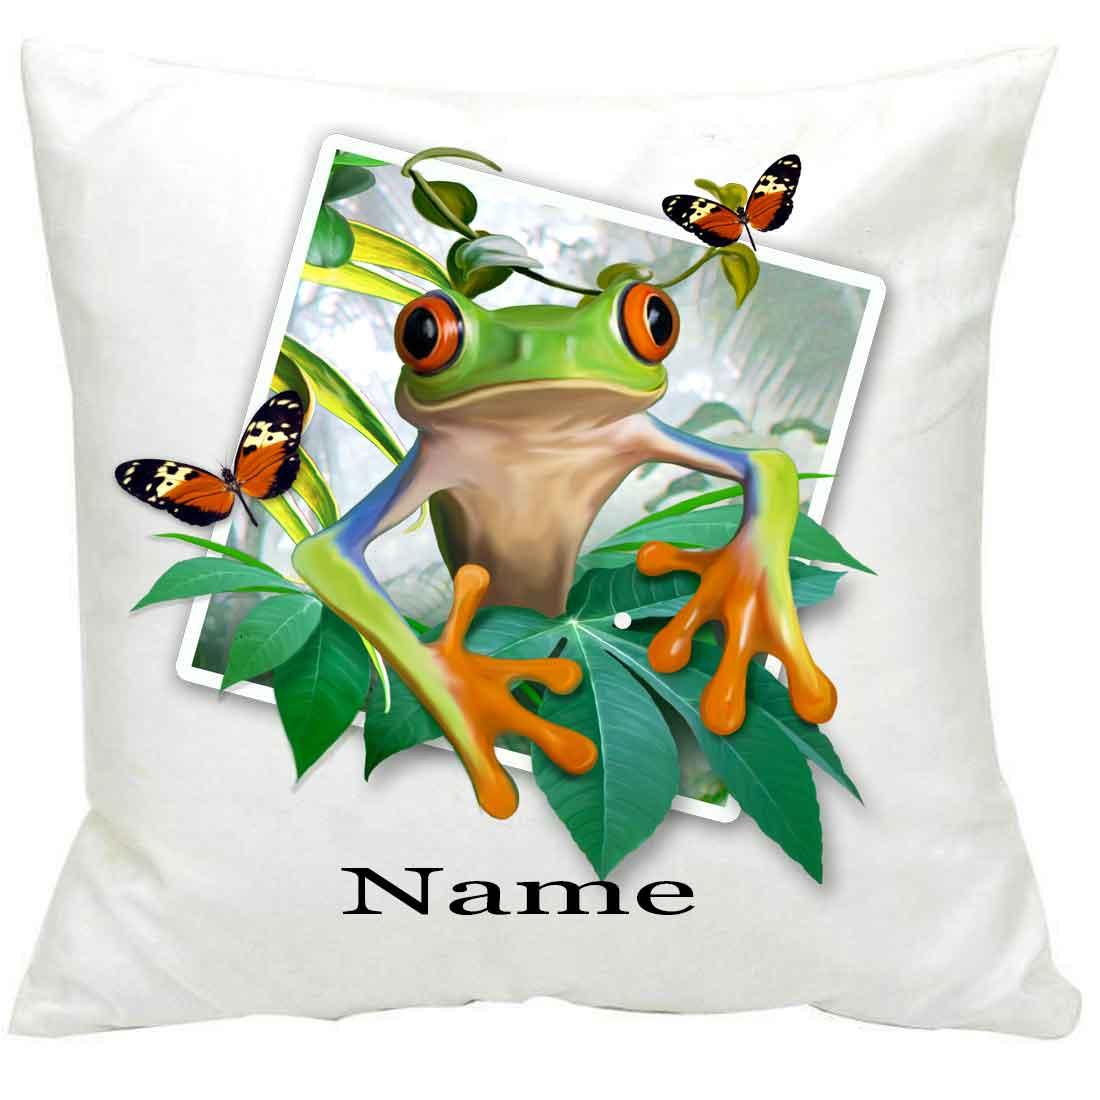 PersonalisedTree- Frog Selfie Printed Cushion